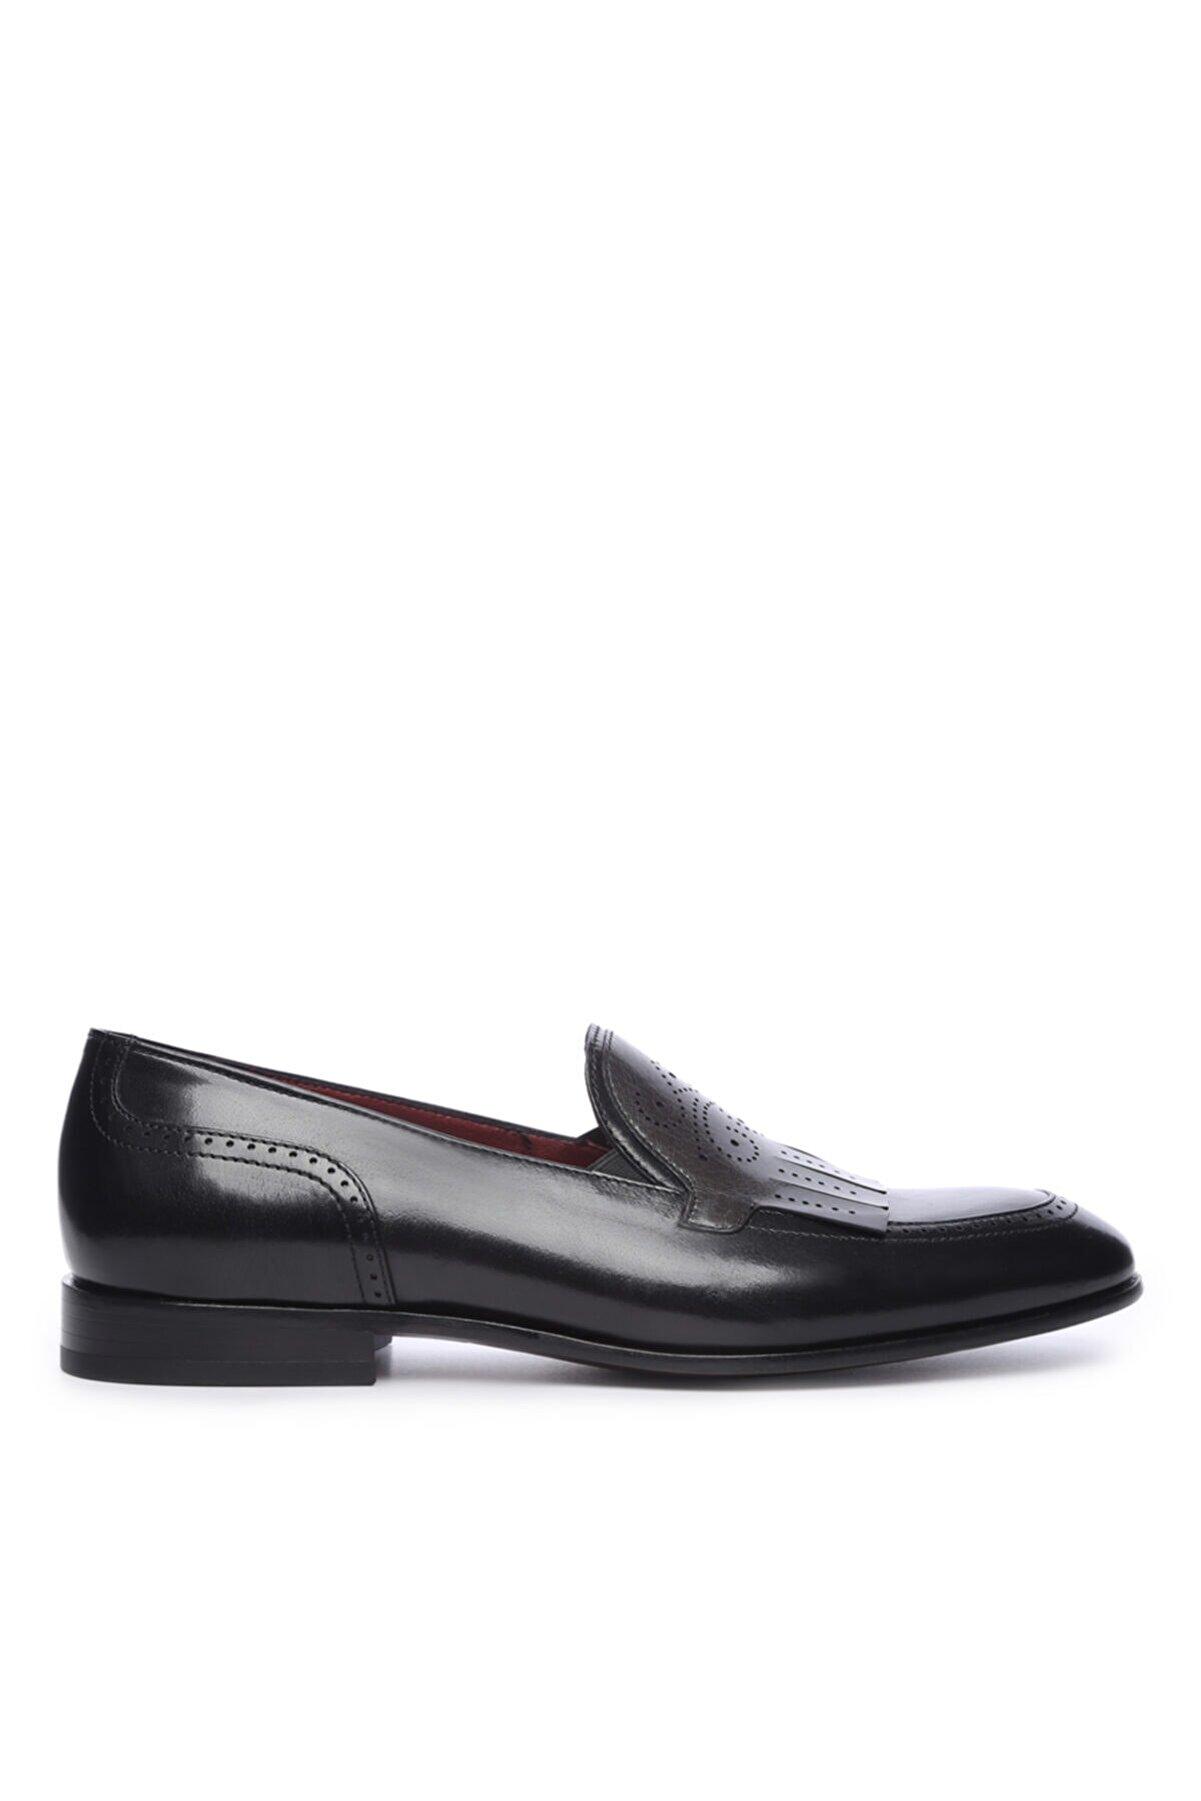 Kemal Tanca Erkek Derı Klasik Ayakkabı 342 7231 K Erk Ayk